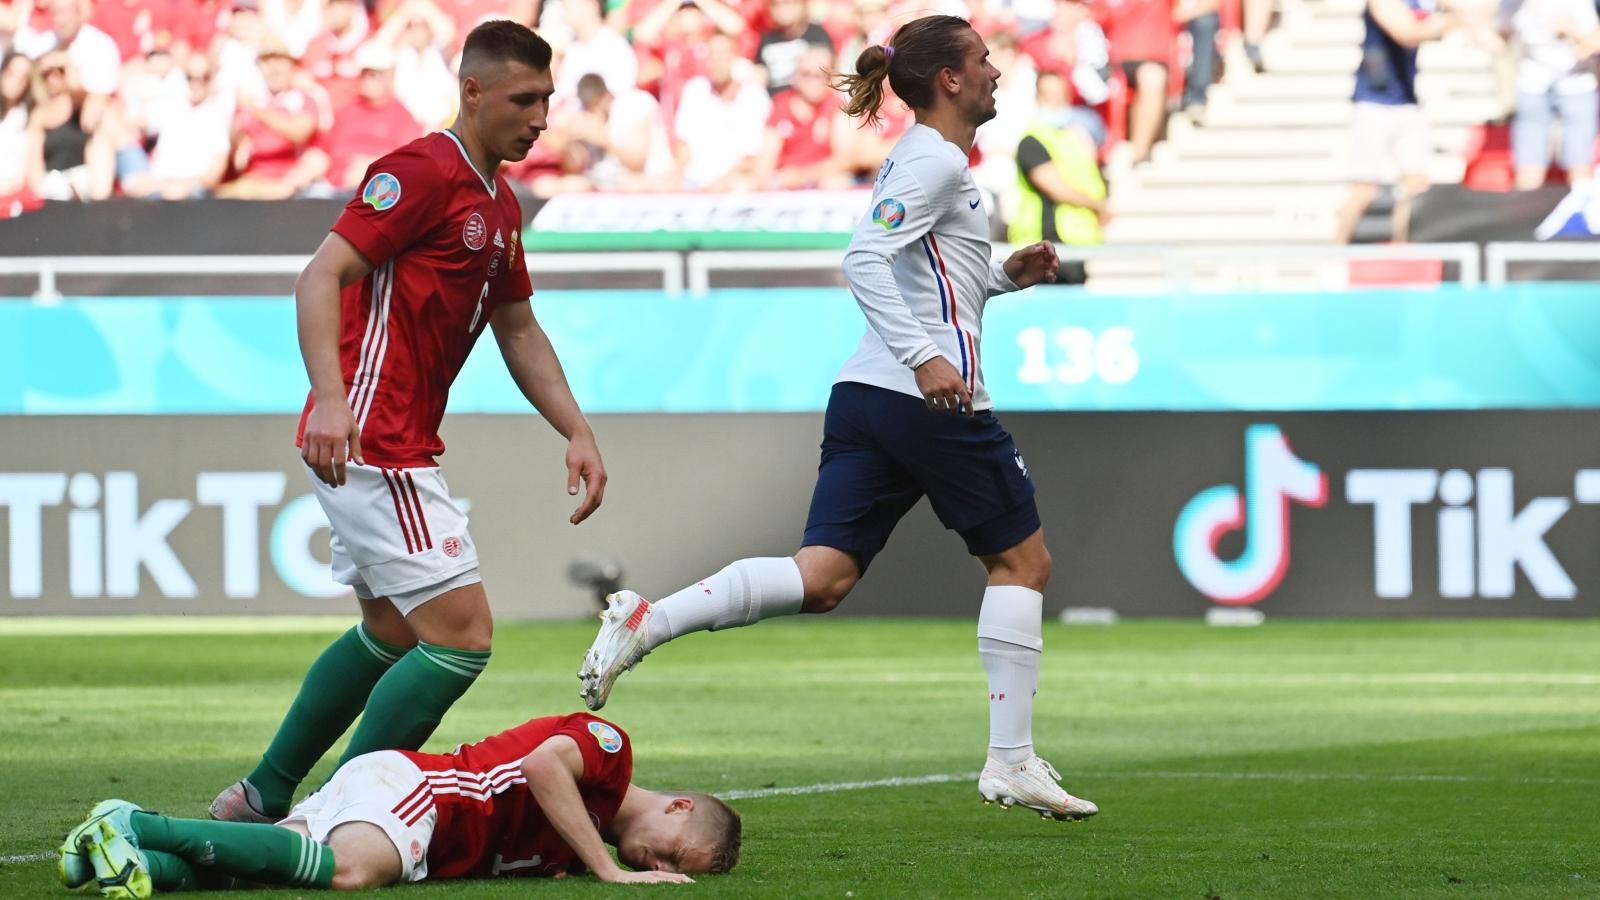 Trực tiếp bóng đá Hungary 1 - 1 Pháp: Đẳng cấp lên tiếng